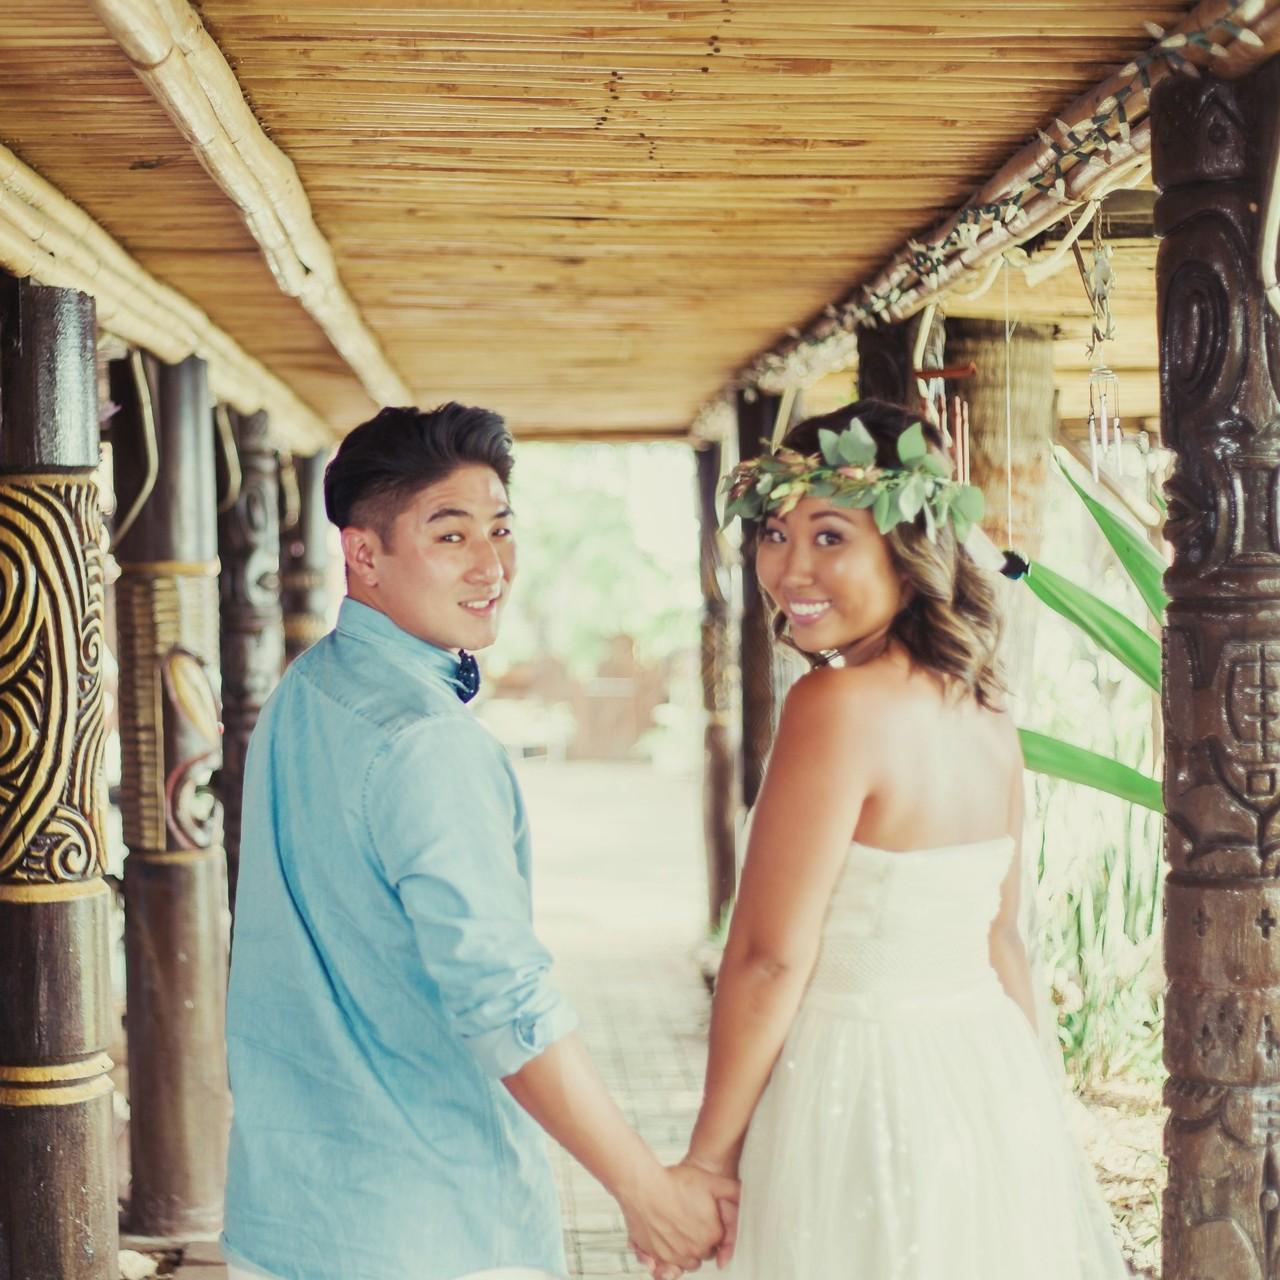 ビーチ以外にも素敵な場所はたくさん 二人だけの特別な場所に ハワイならではのオススメ撮影スポット多数ご用意してます Tikibar Tikibar Weddingsofhawaii ビーチウェディング オ ウェディング